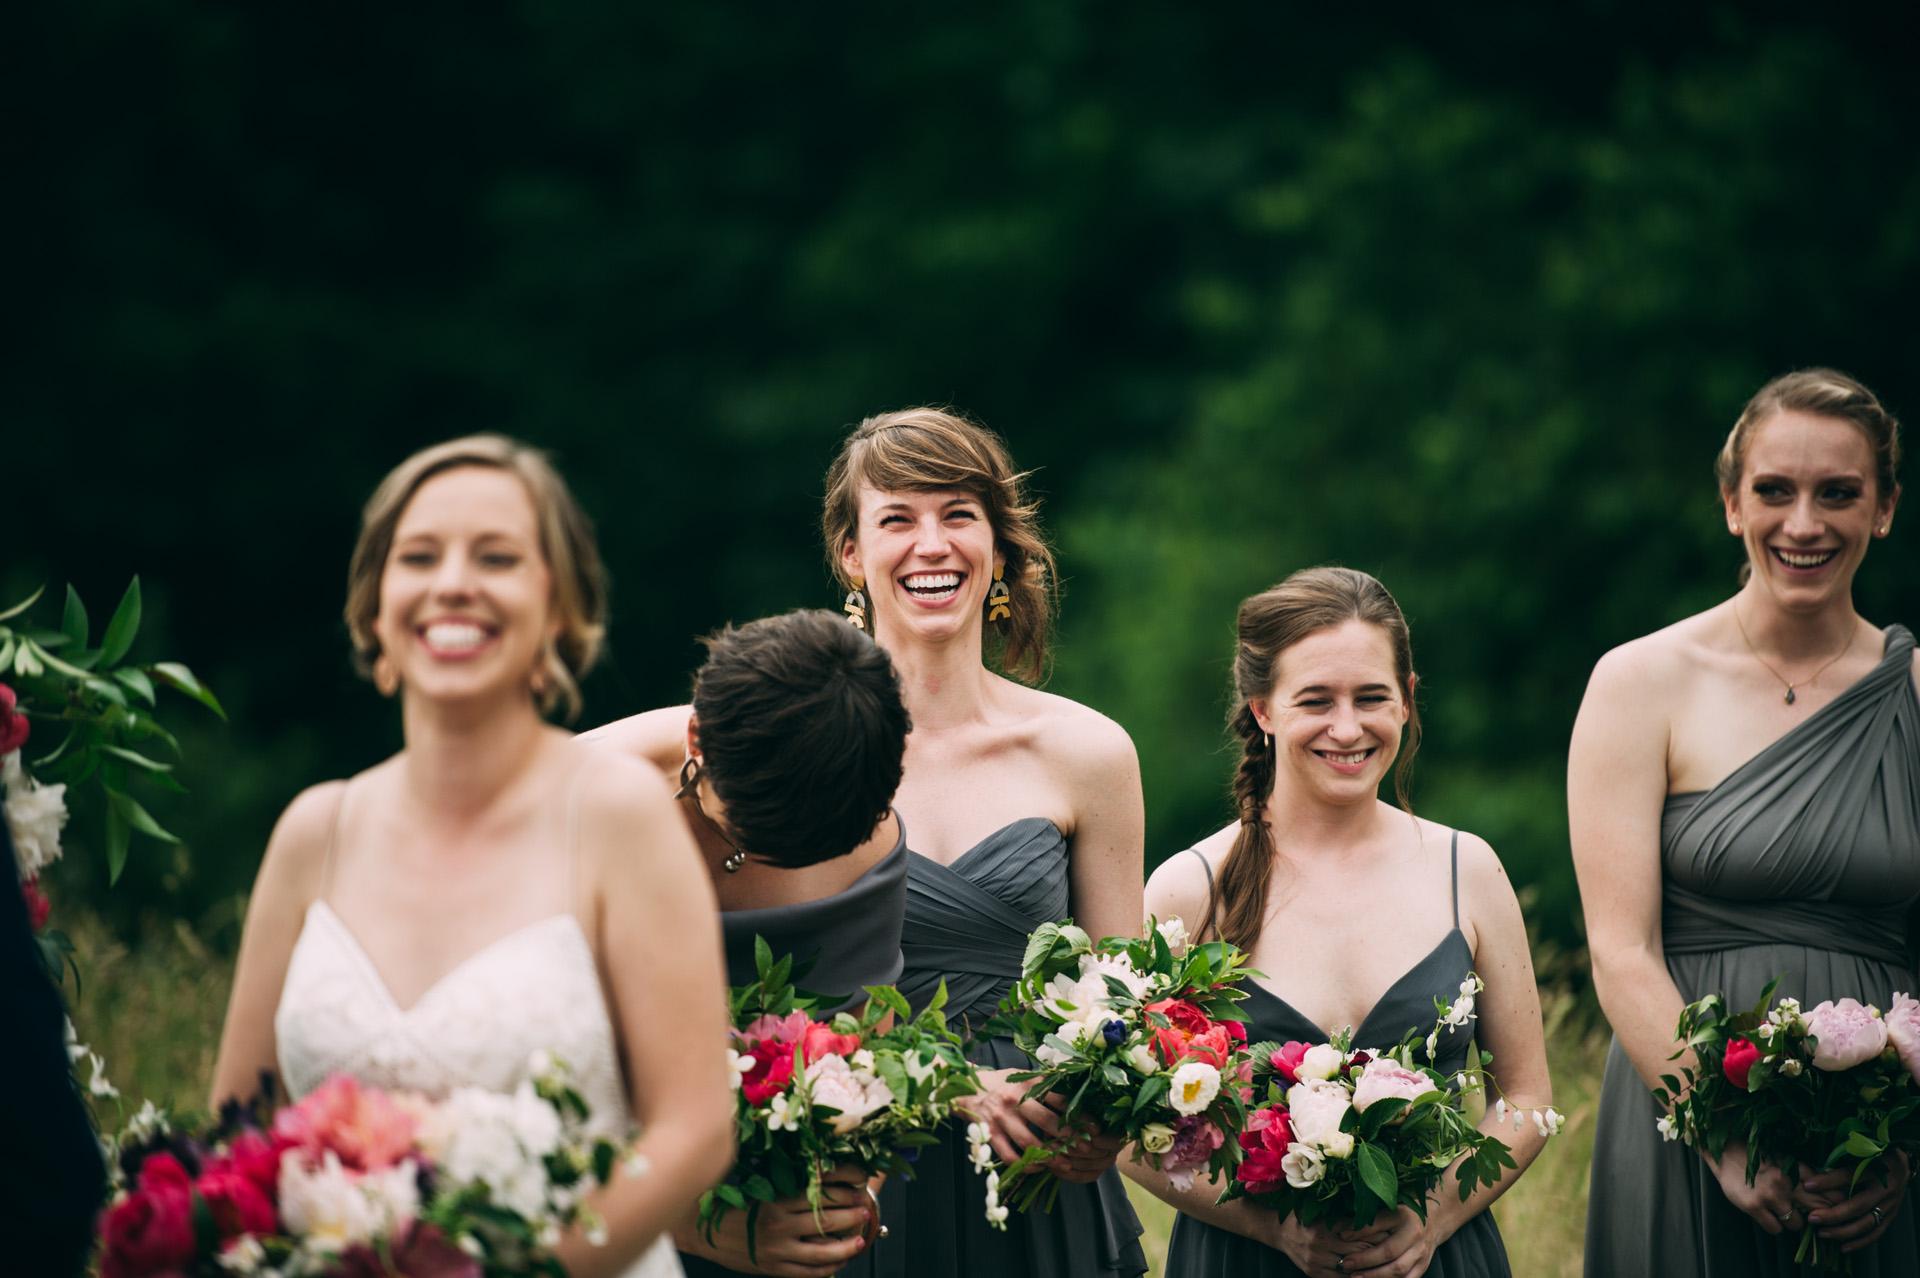 broadturn-farm-wedding-38